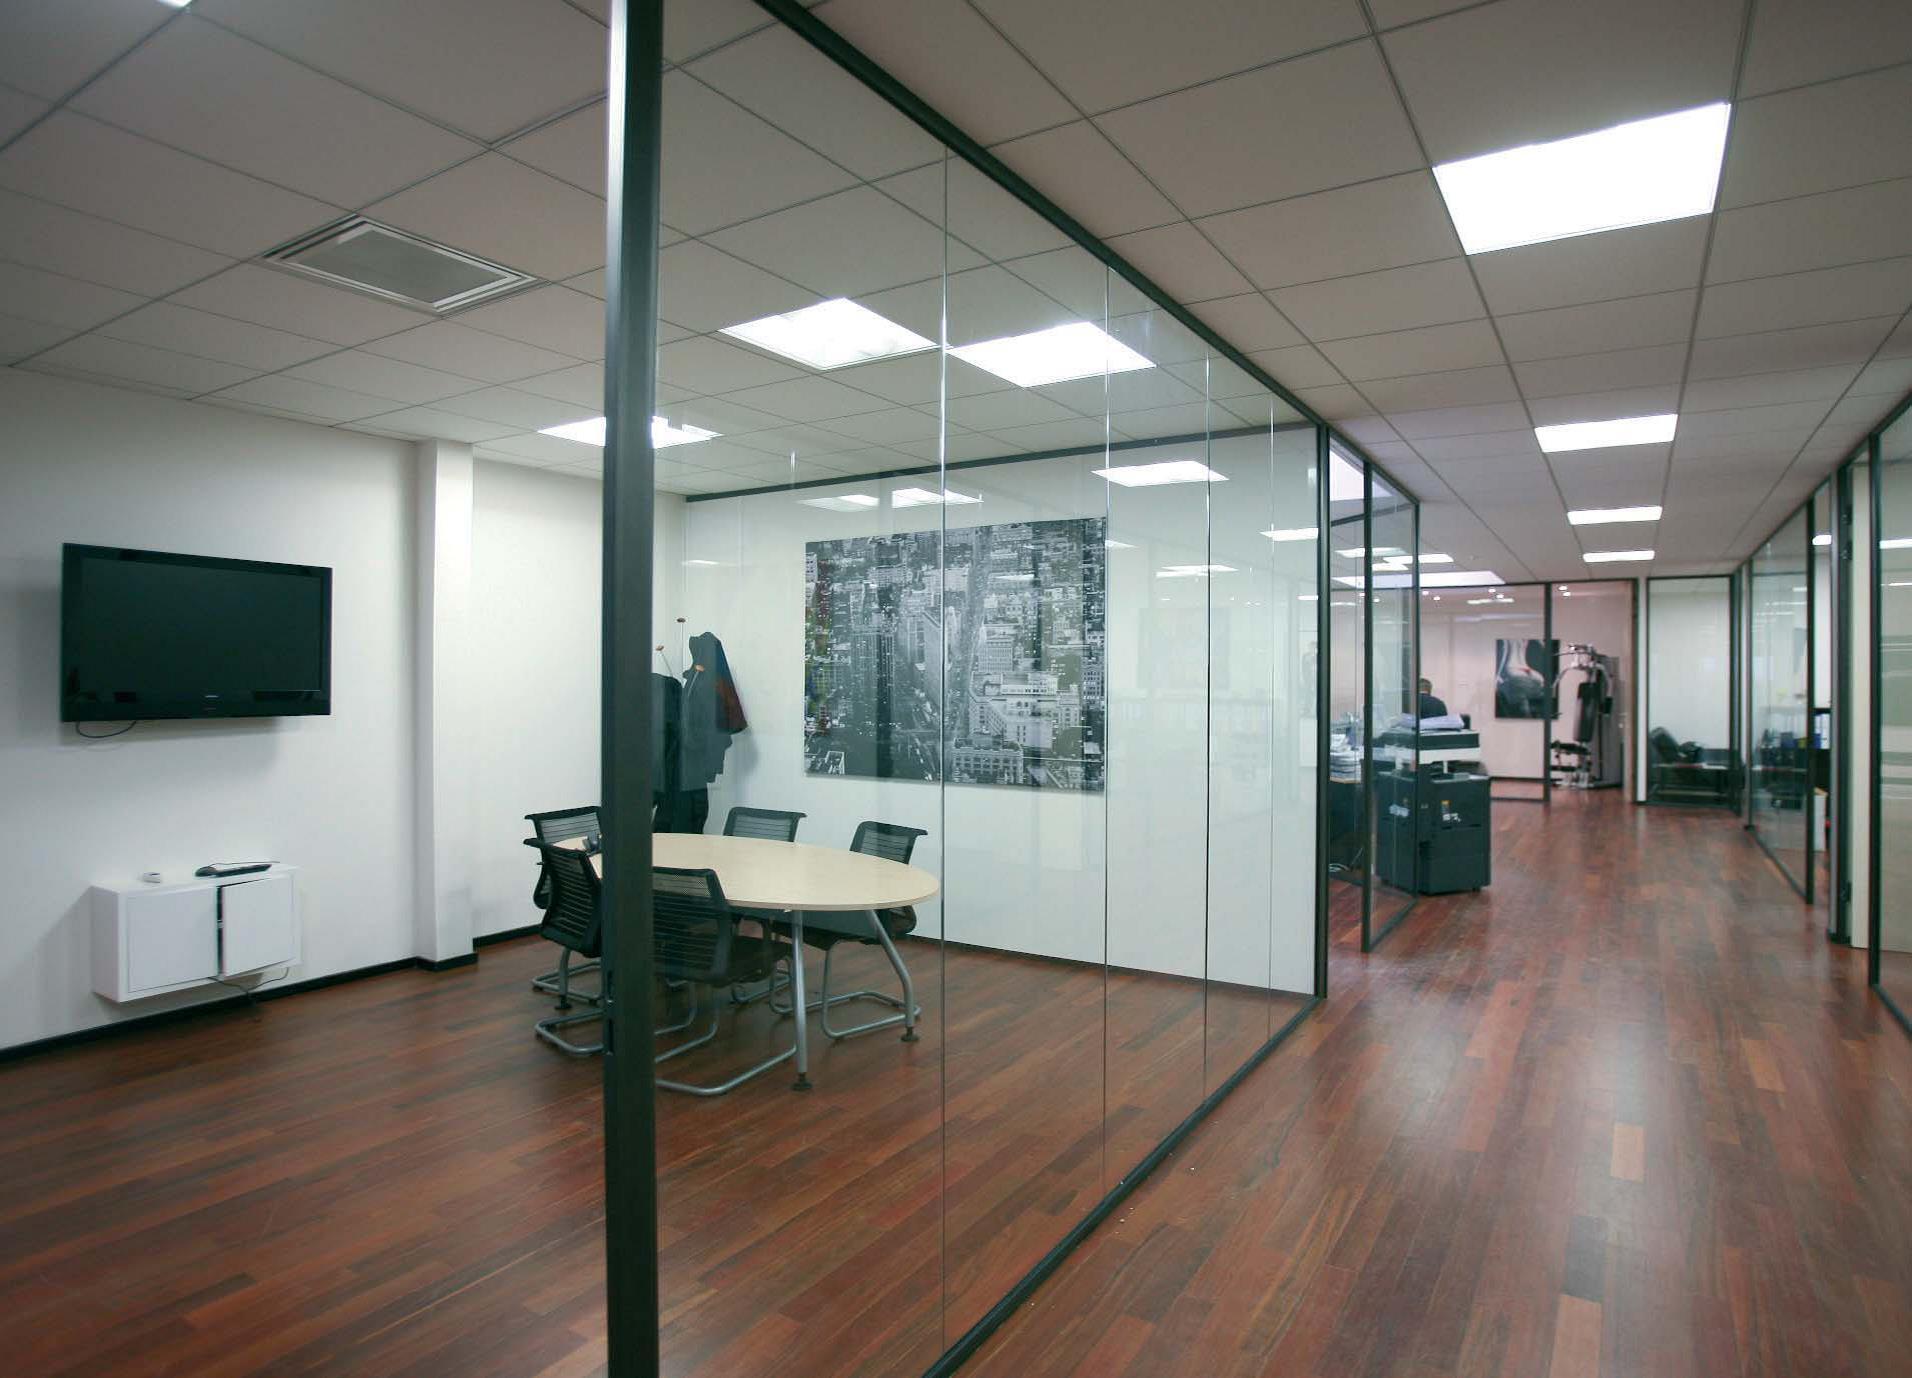 Les cloisons vitr es bord bord toute hauteur espace - Cloison industrielle vitree ...